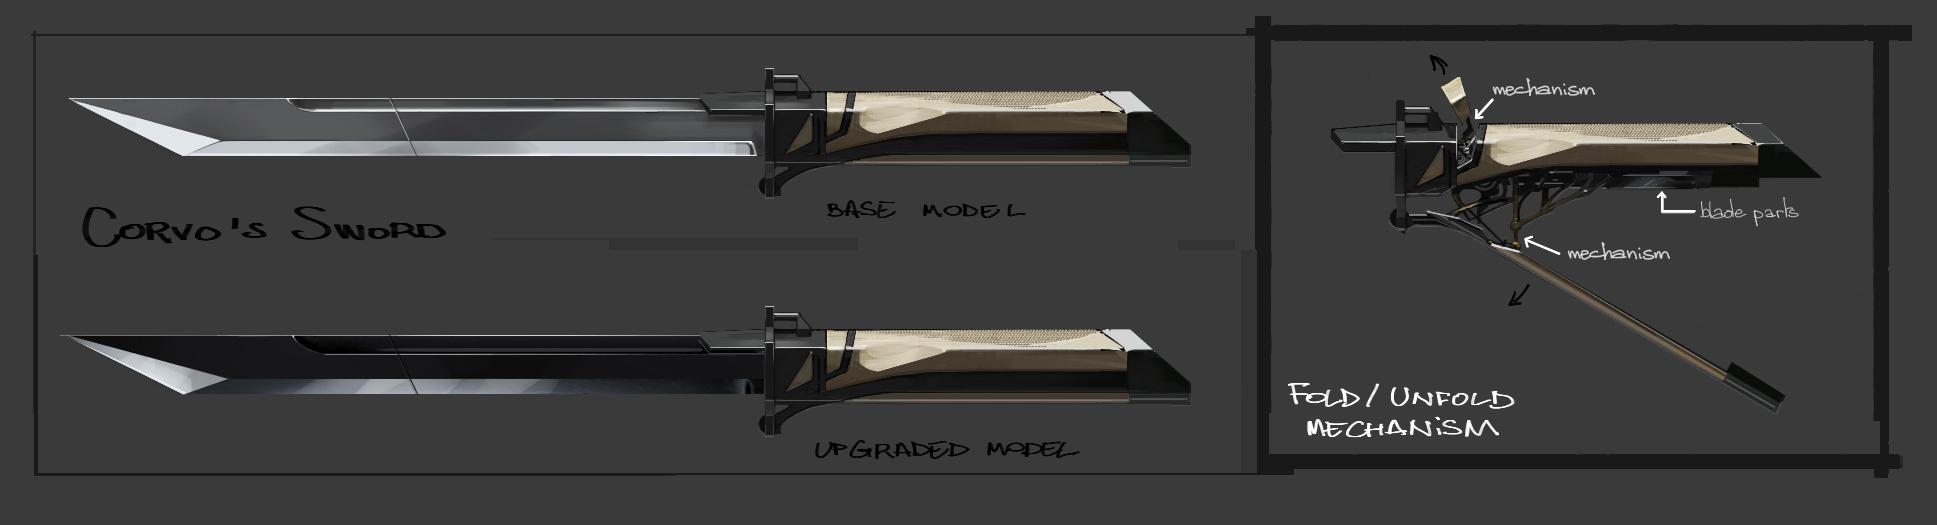 Vircades Project: Liquid Swords 1: Betamax Blades